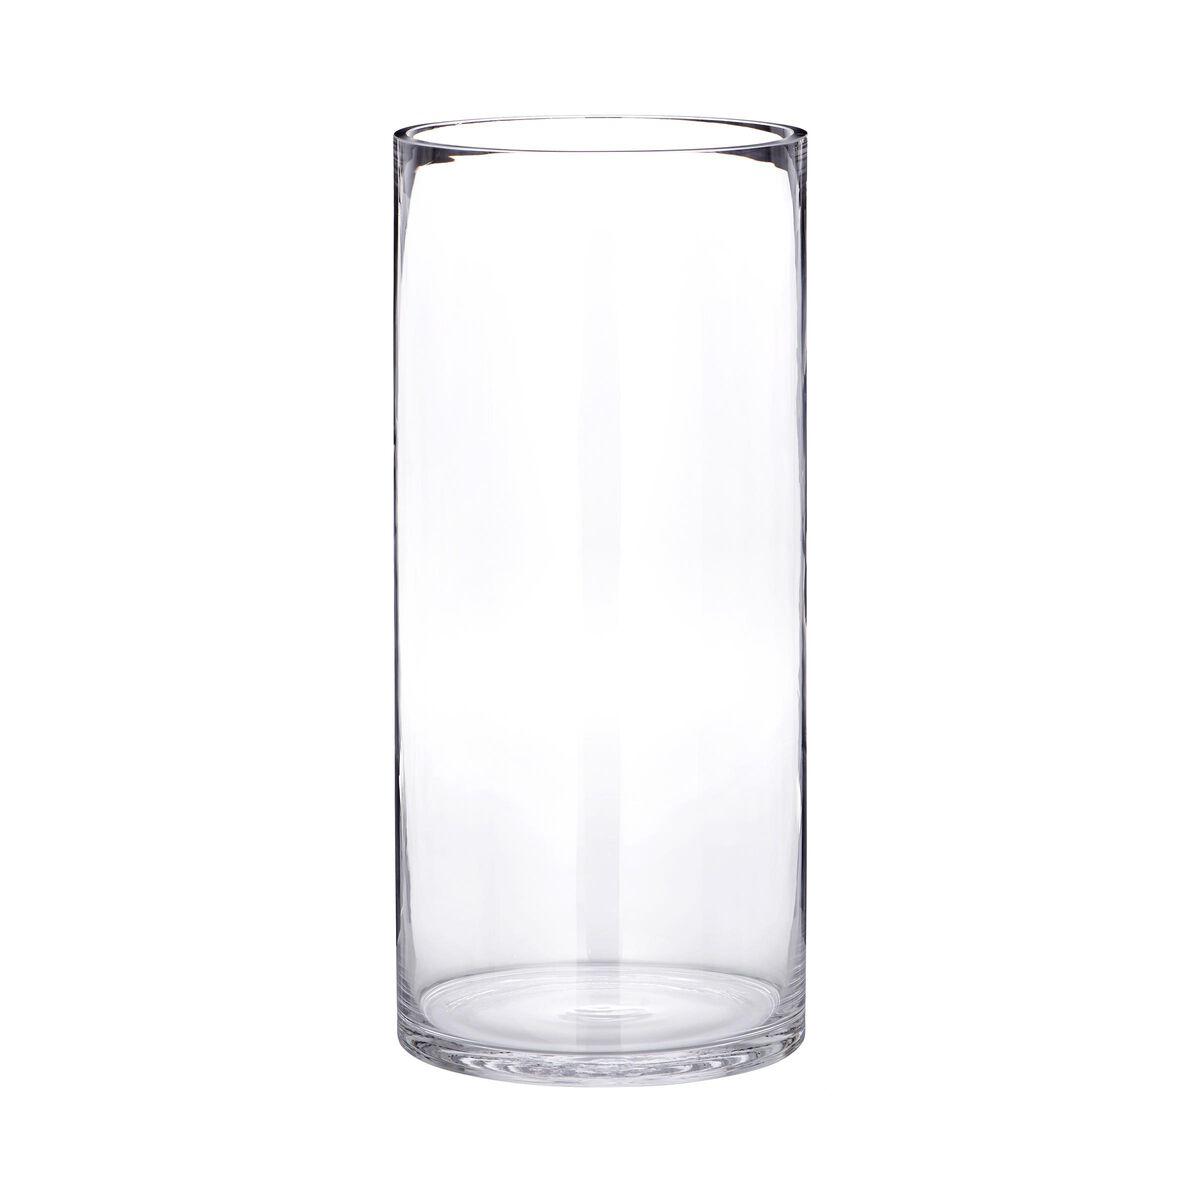 POOL zylindrische Bodenvase 40cm,Ø18cm